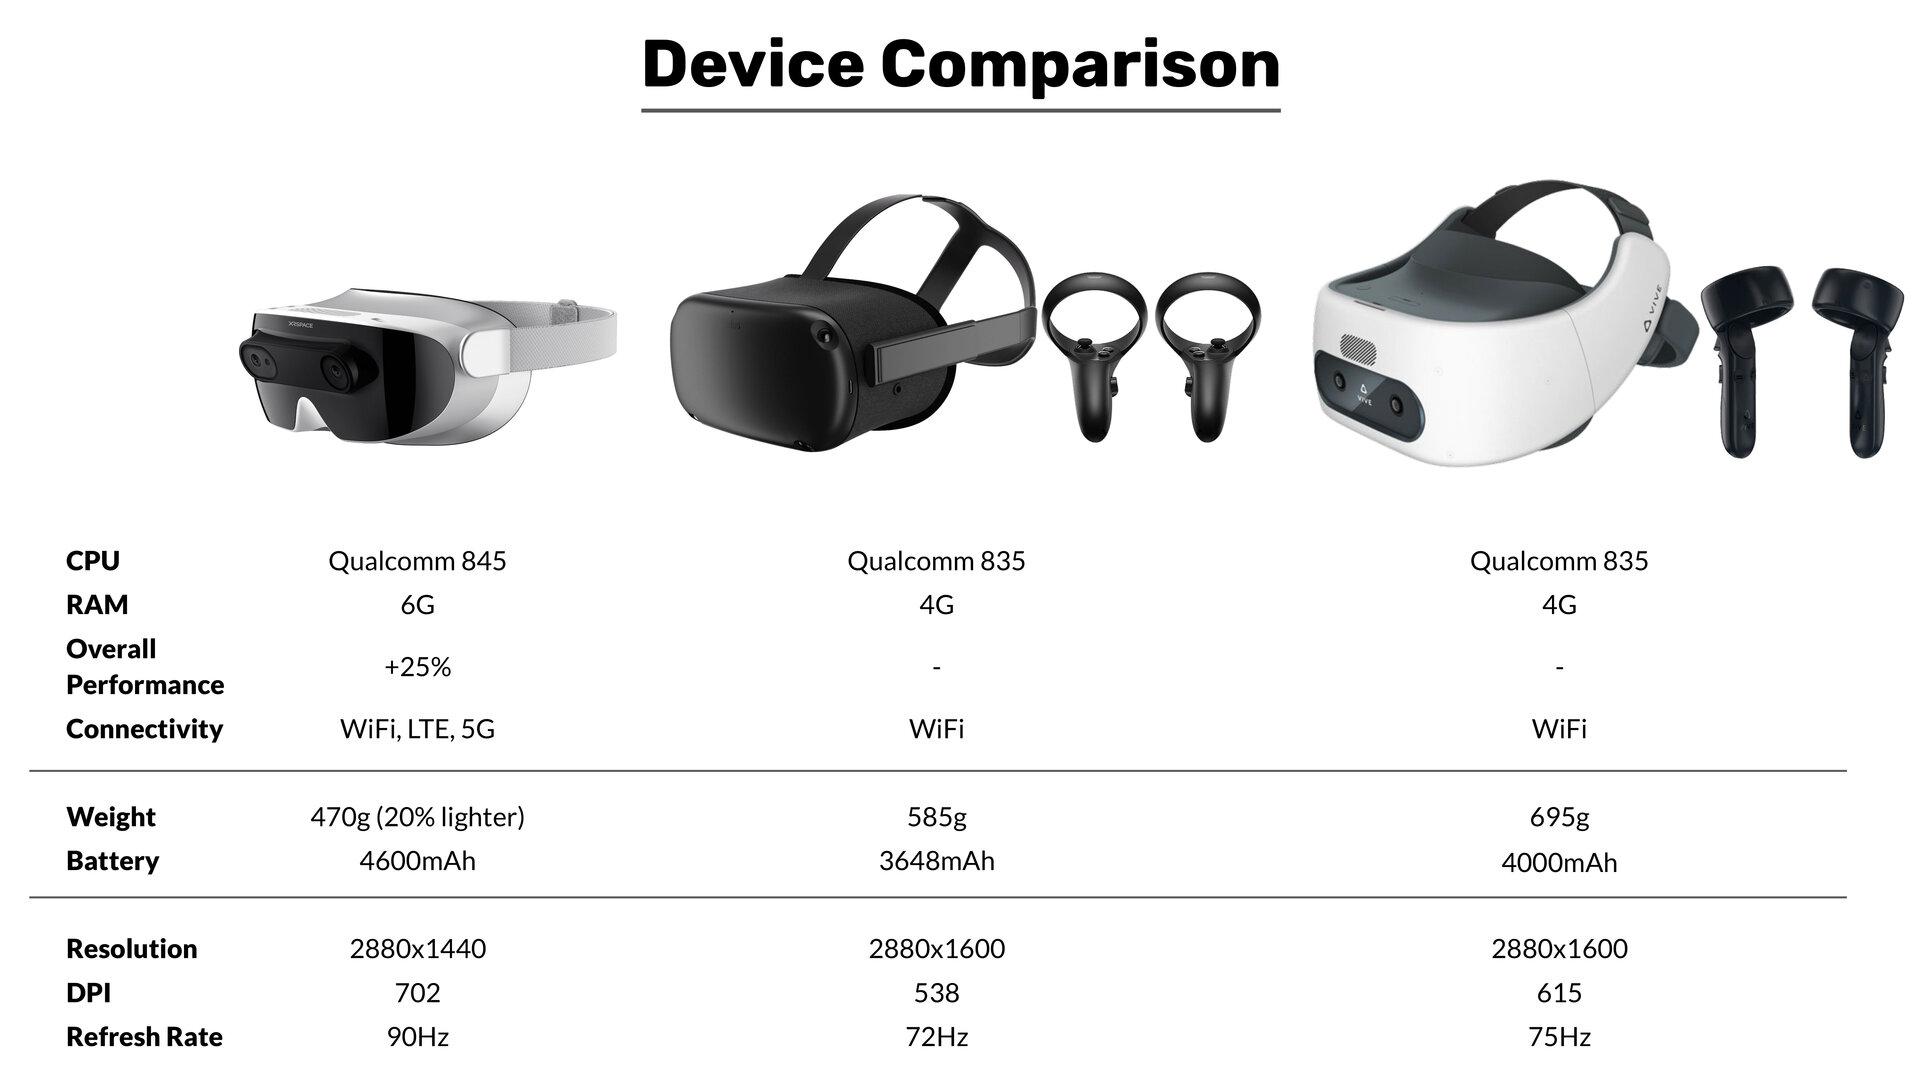 Das Manova Headset im Vergleich zu anderen HMDs